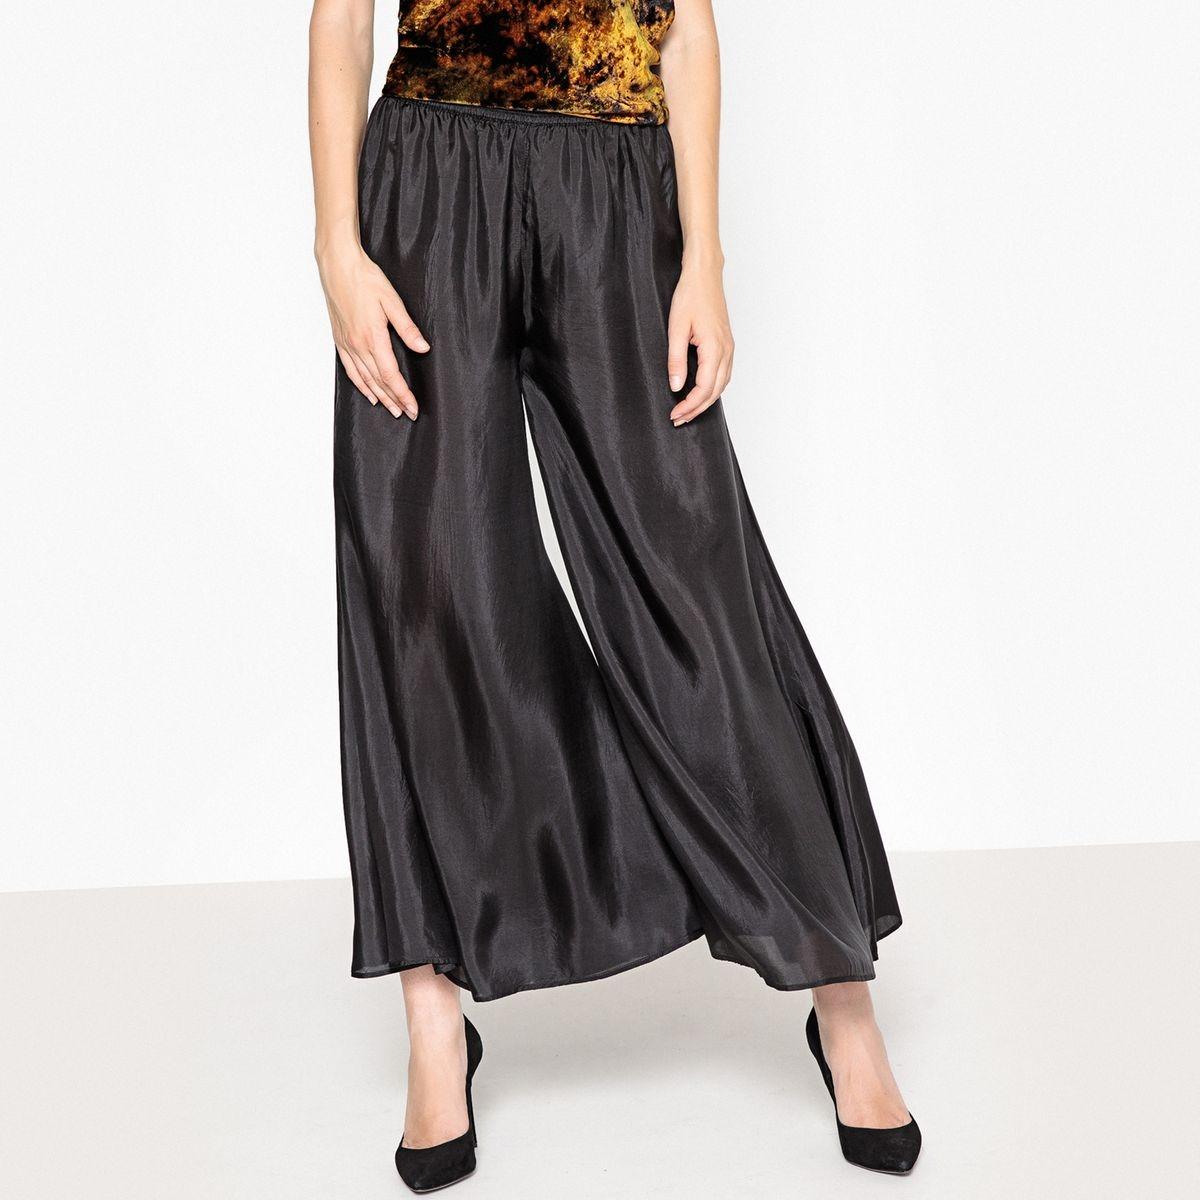 Pantalon large en soie, taille élastique